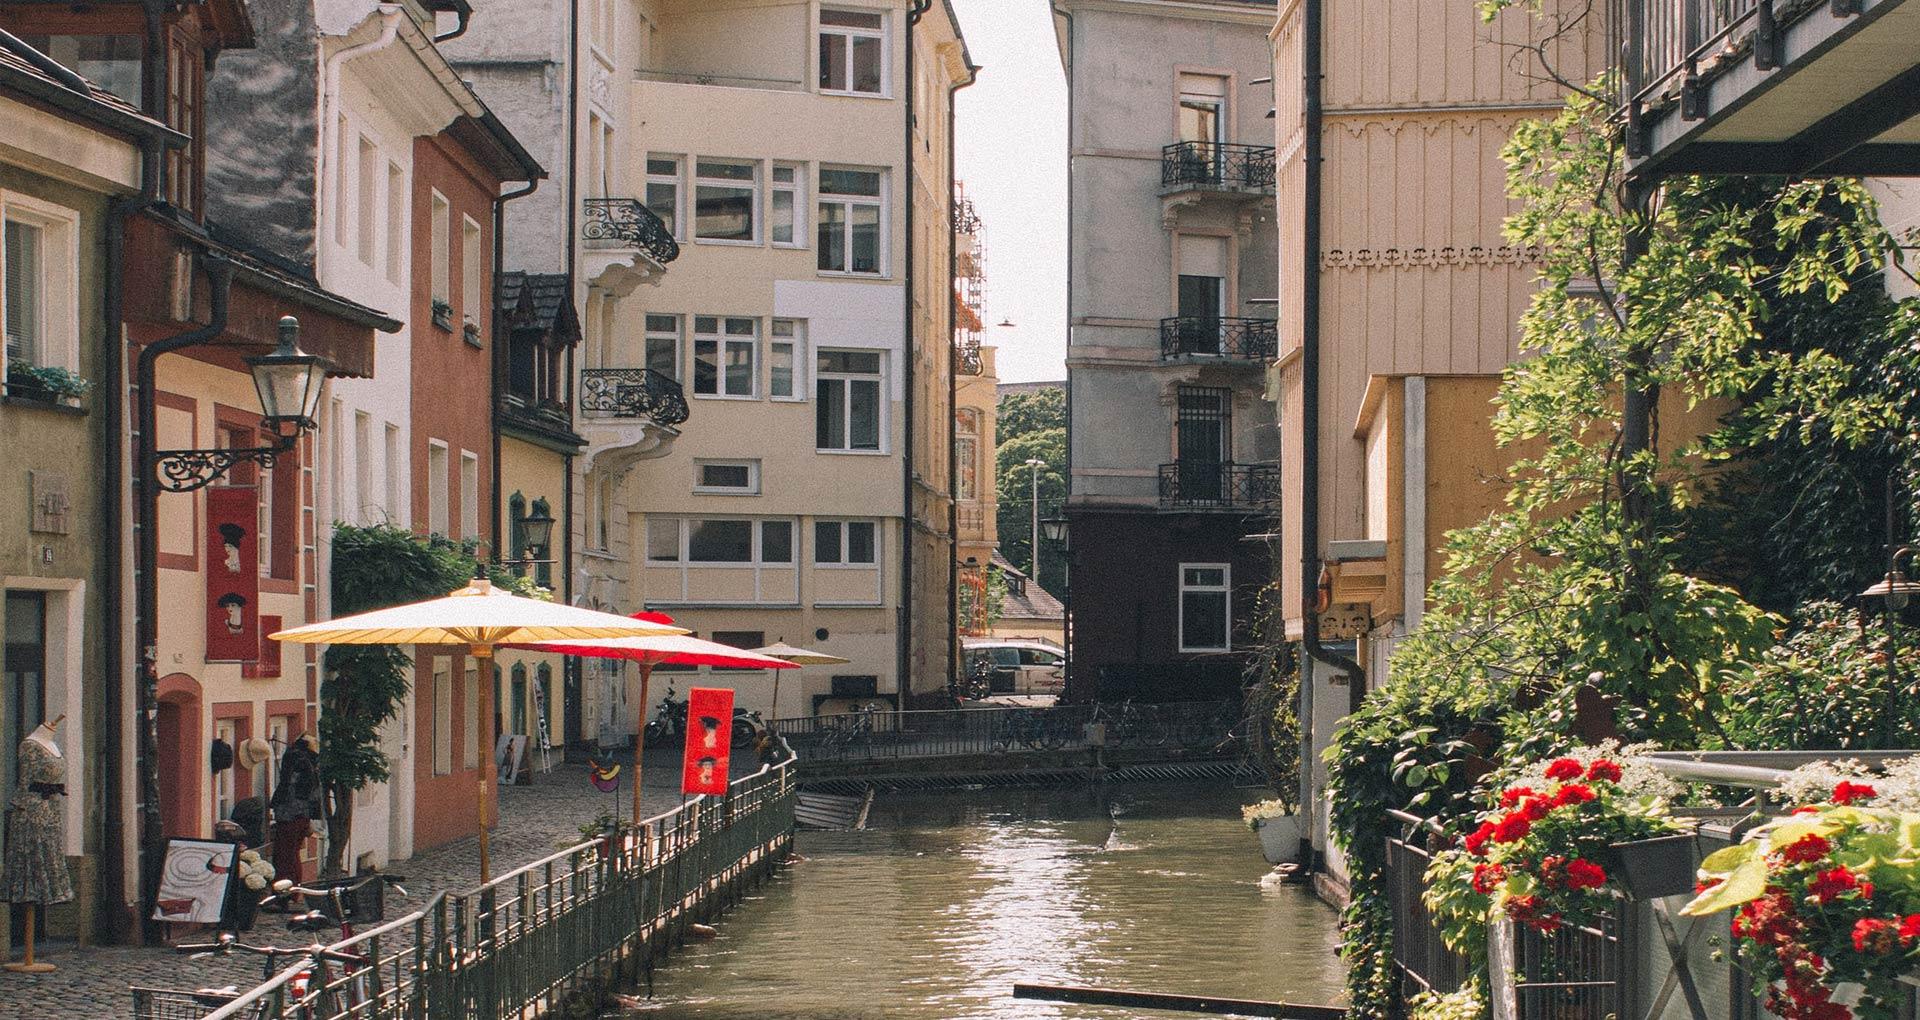 Freiburg, die Stadt in der Hartmut Rosa lebt